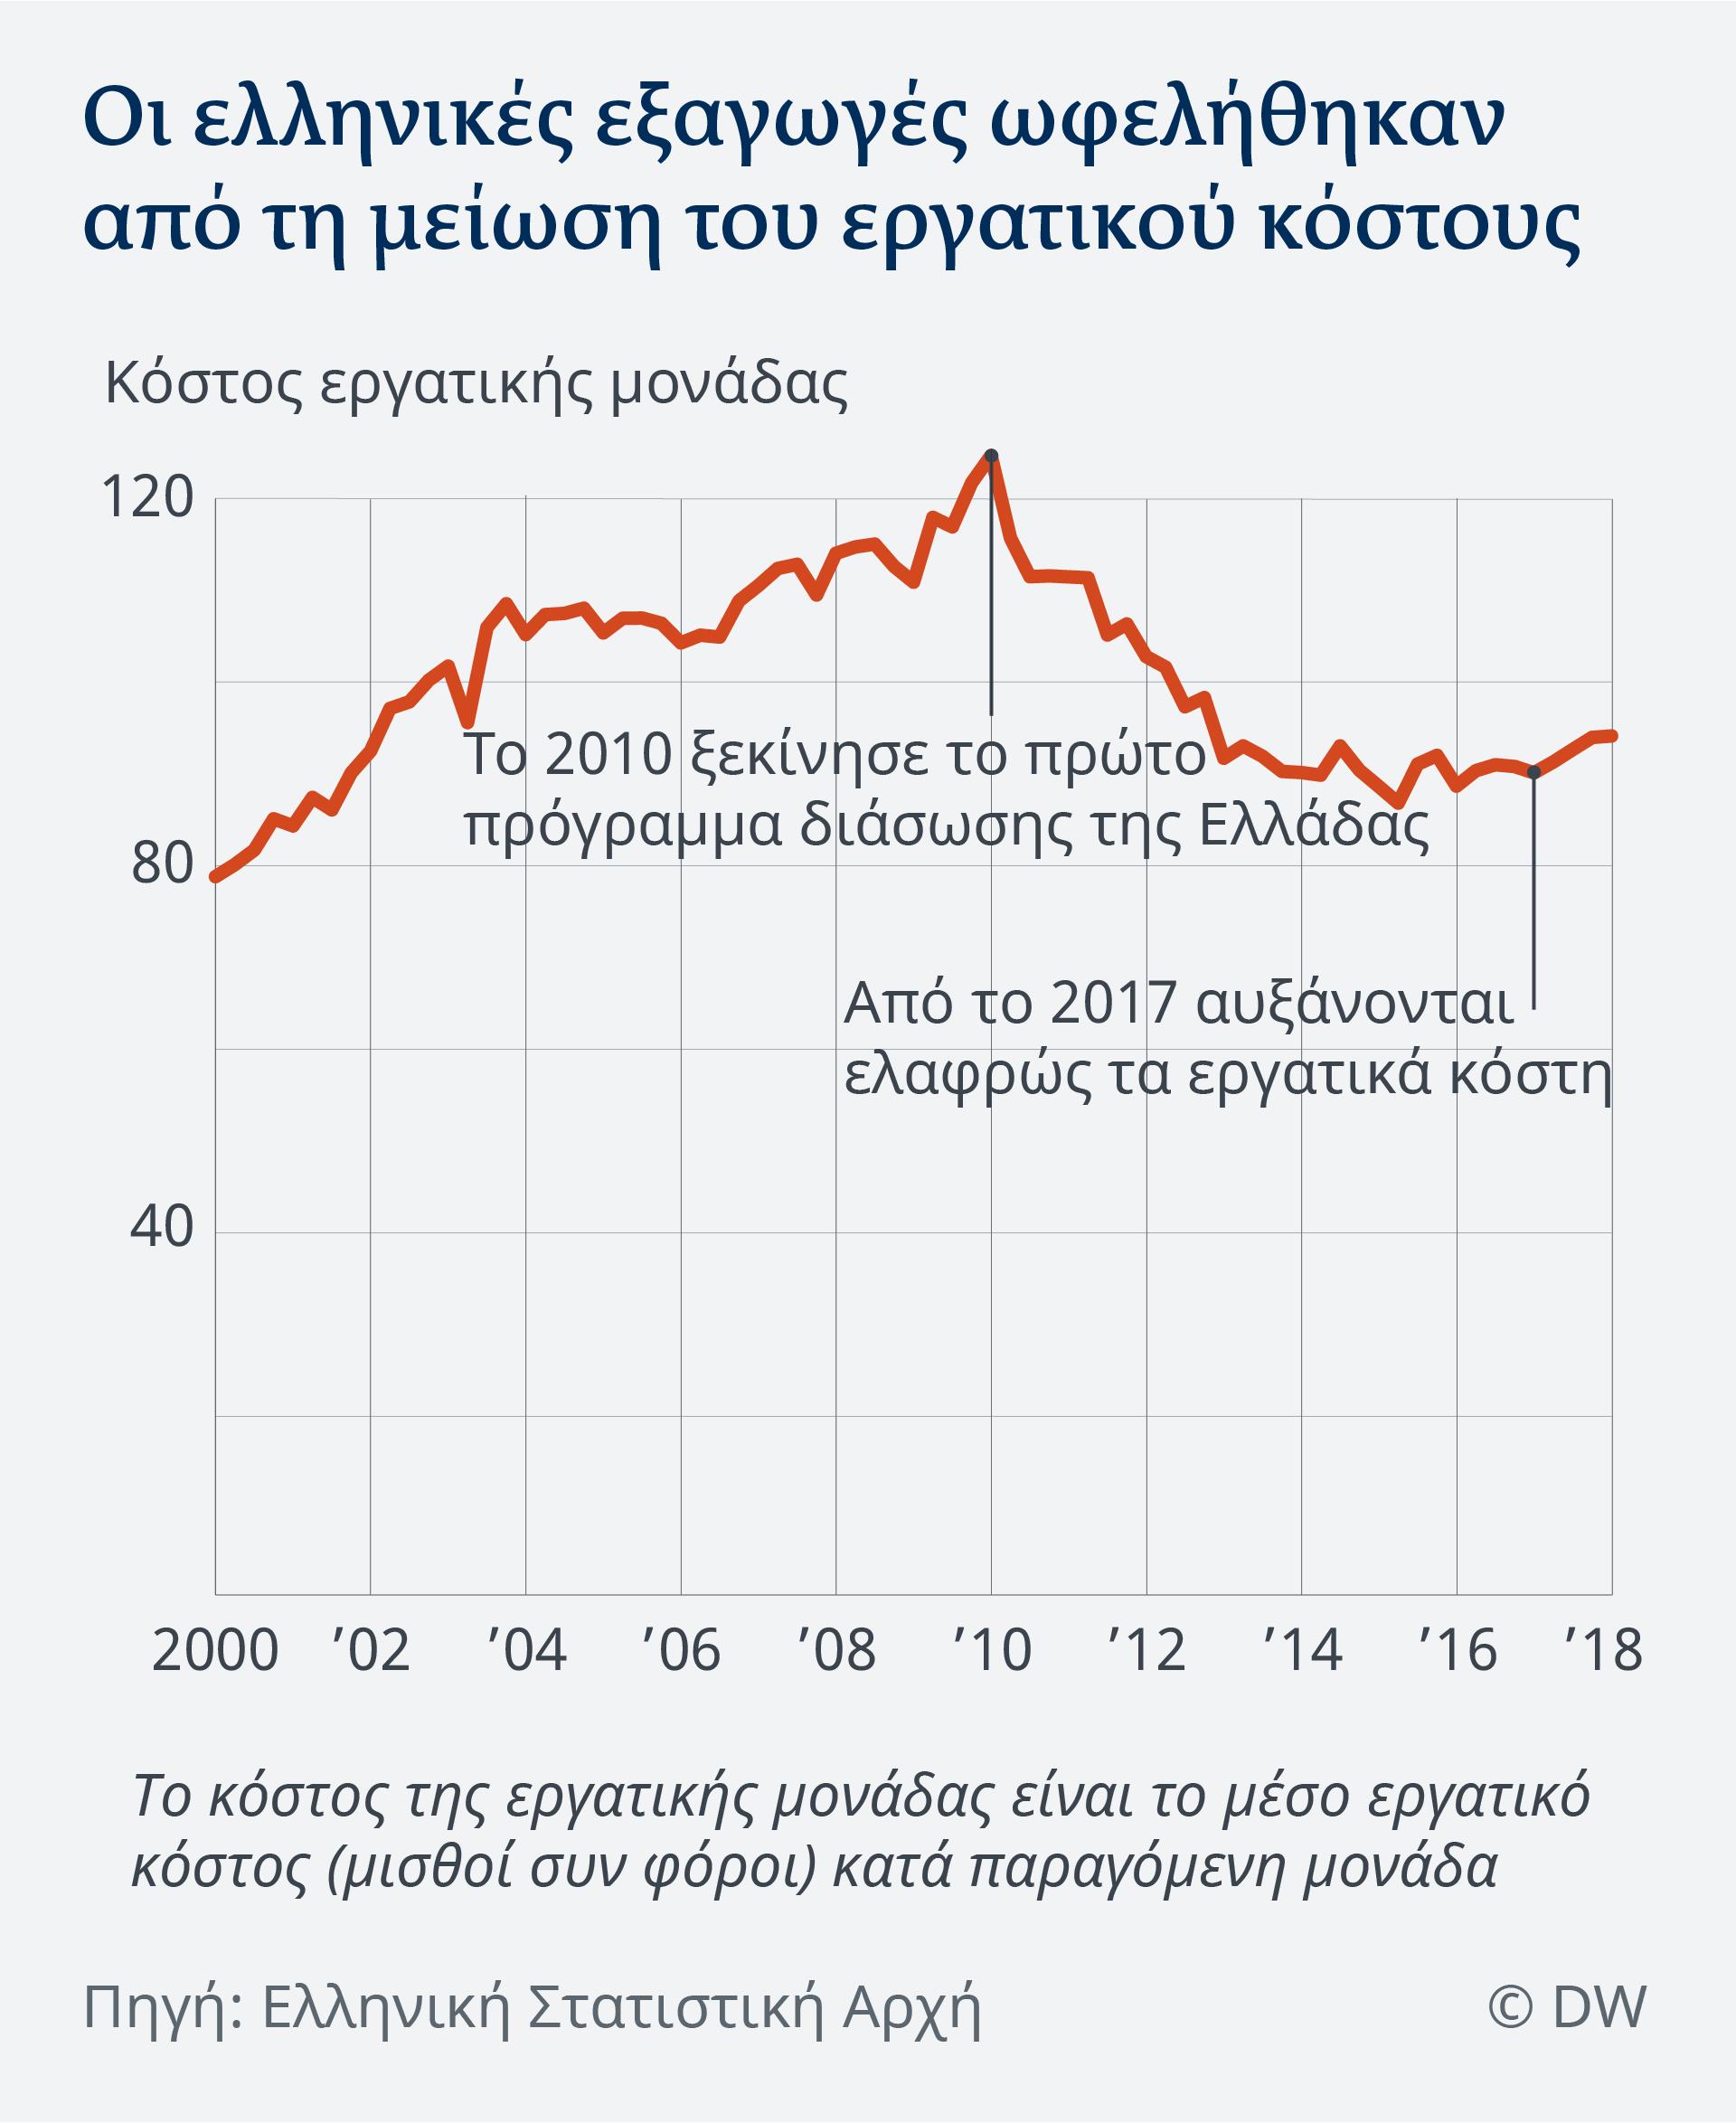 Οι ελληνικές εξαγωγές ωφελούνται από τη δραστική μείωση του εργατικού κόστους που από το 2010 συρρικνώθηκε κατά 30%